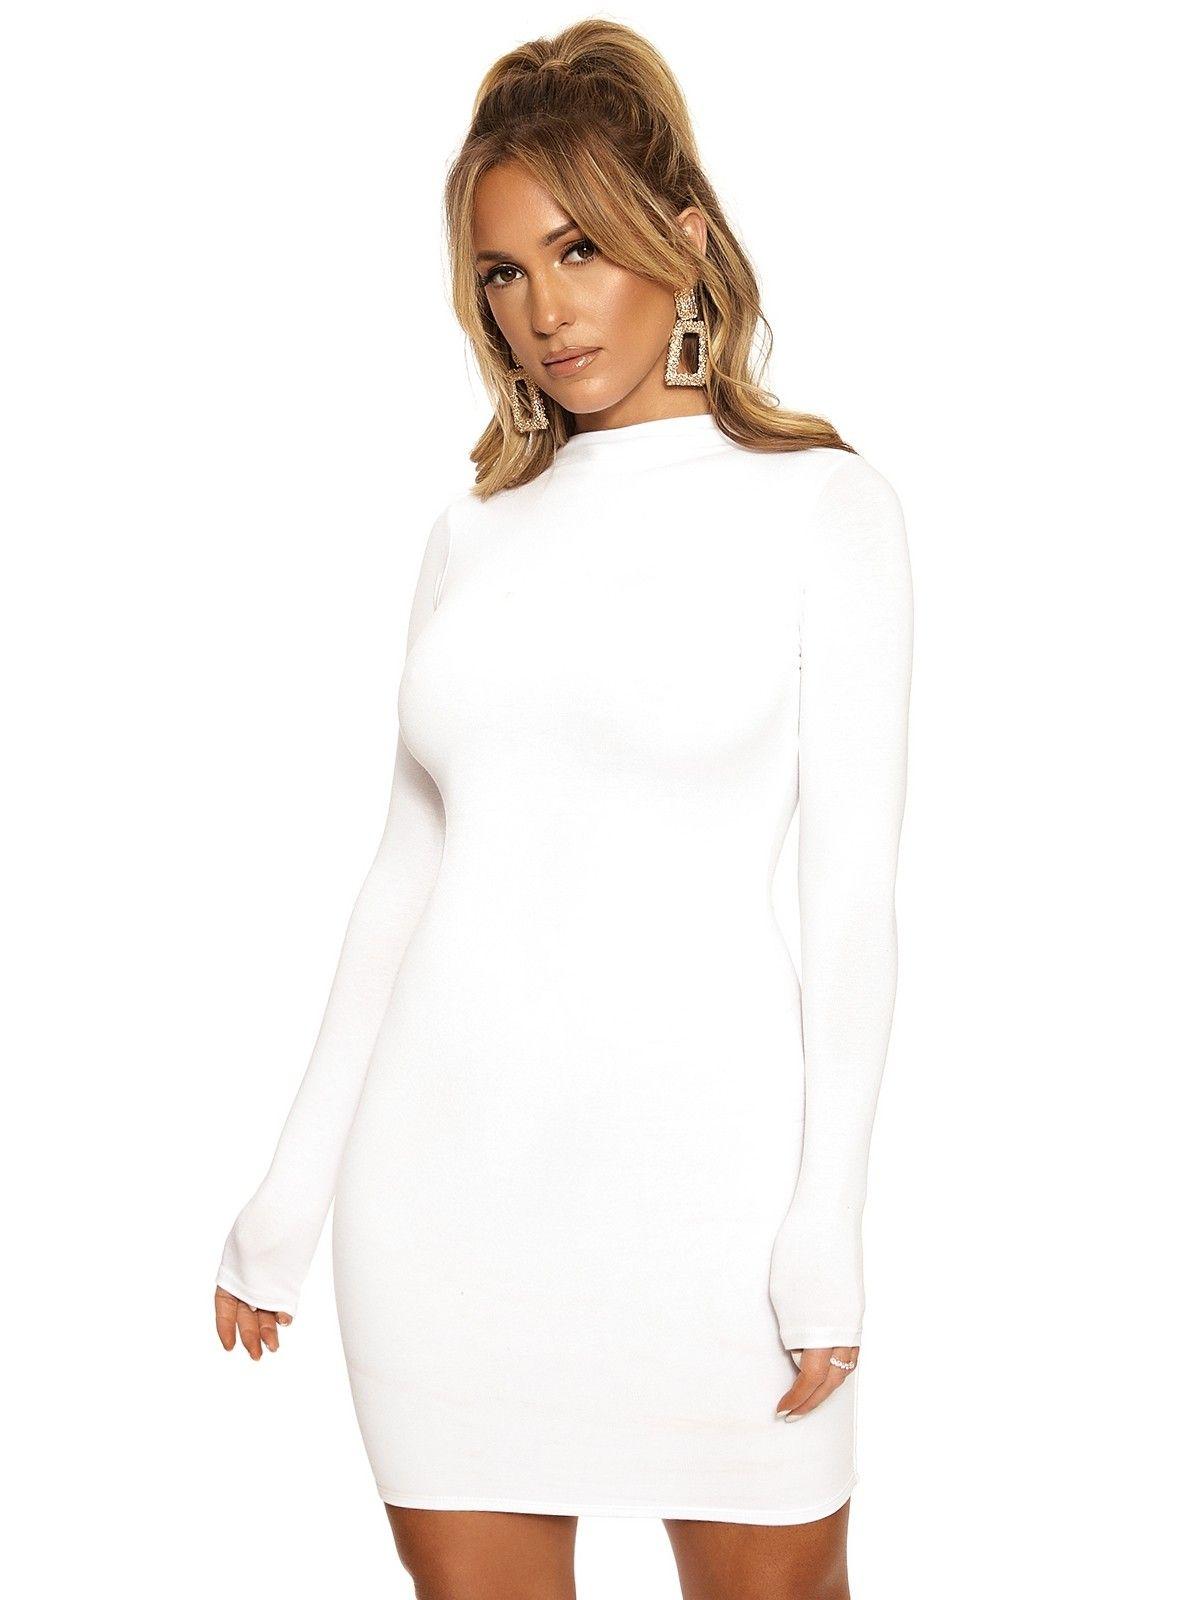 The Nw Mini Turtle Neck Dress White Midi Dress Bodycon Bodycon Dress Parties [ 1600 x 1200 Pixel ]